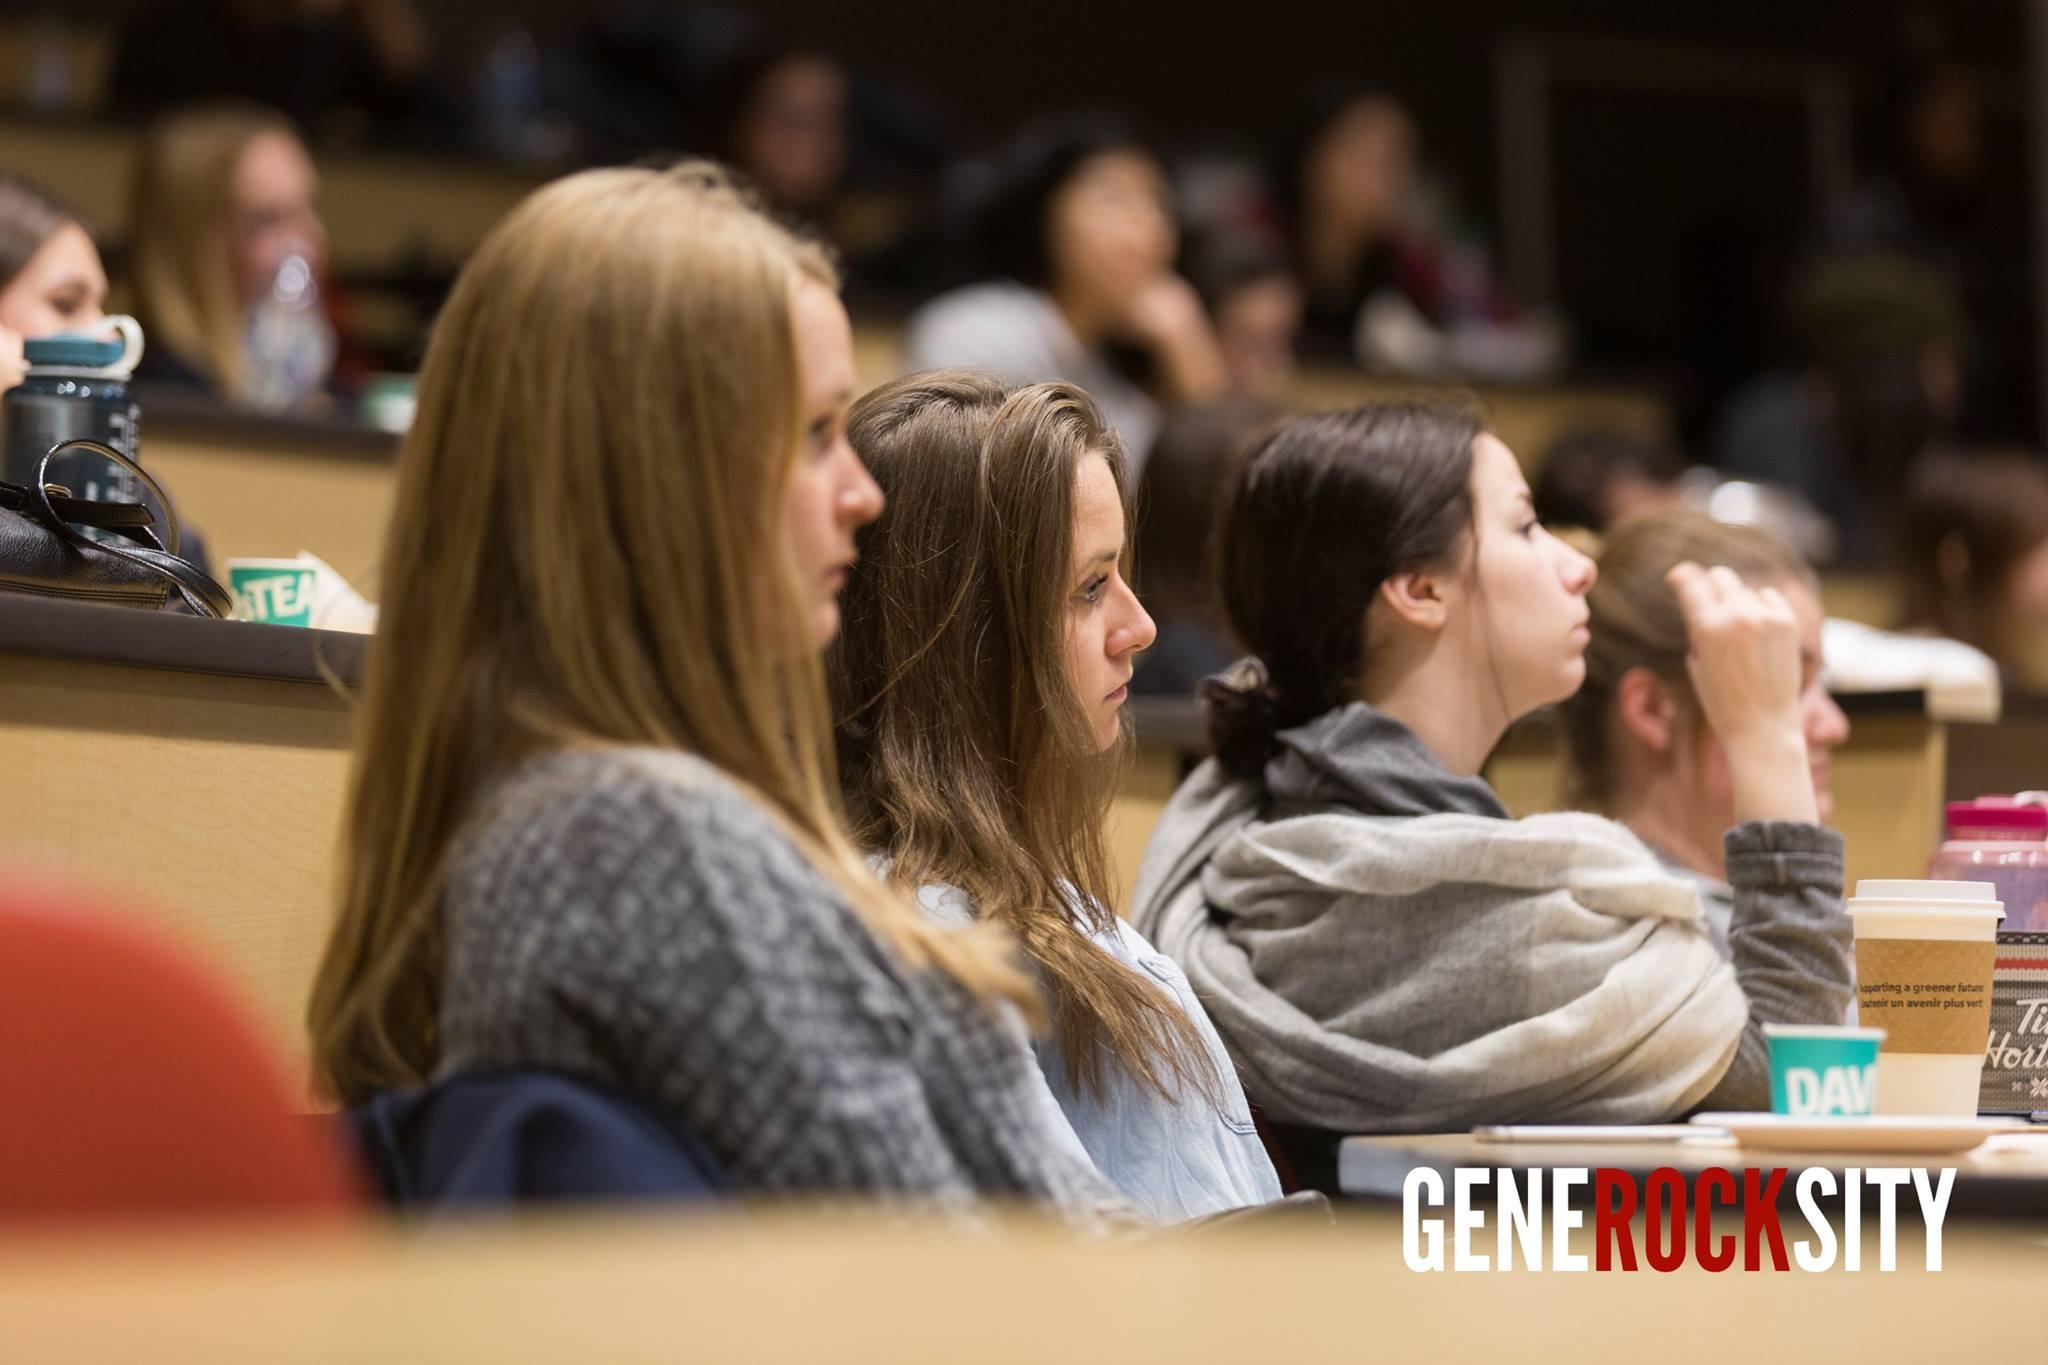 GENEROCKSITY PRESENTS: EUNOIA (11/17)